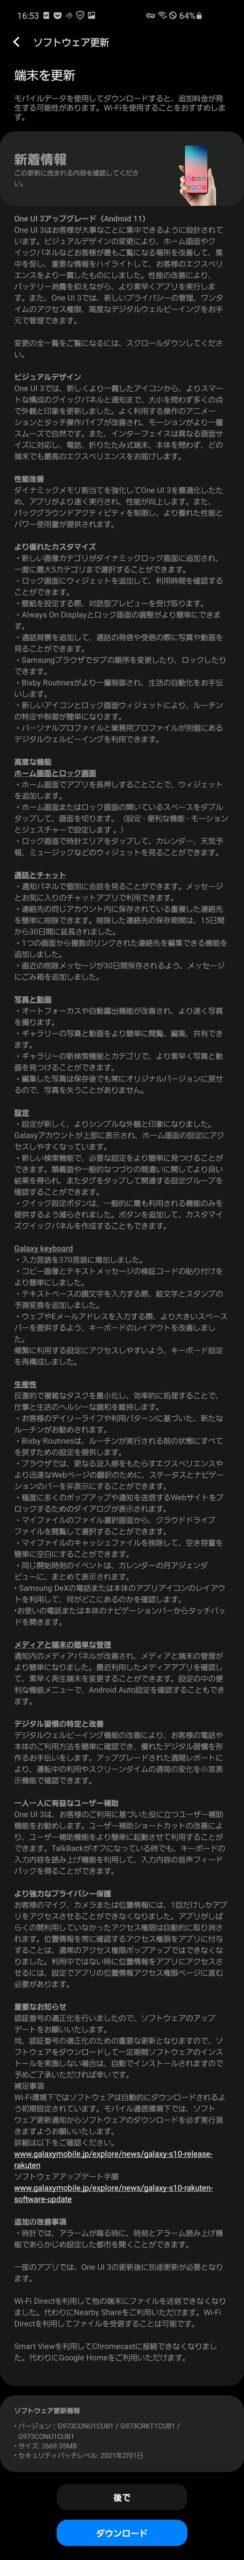 楽天版Galaxy S10のアップデート通知